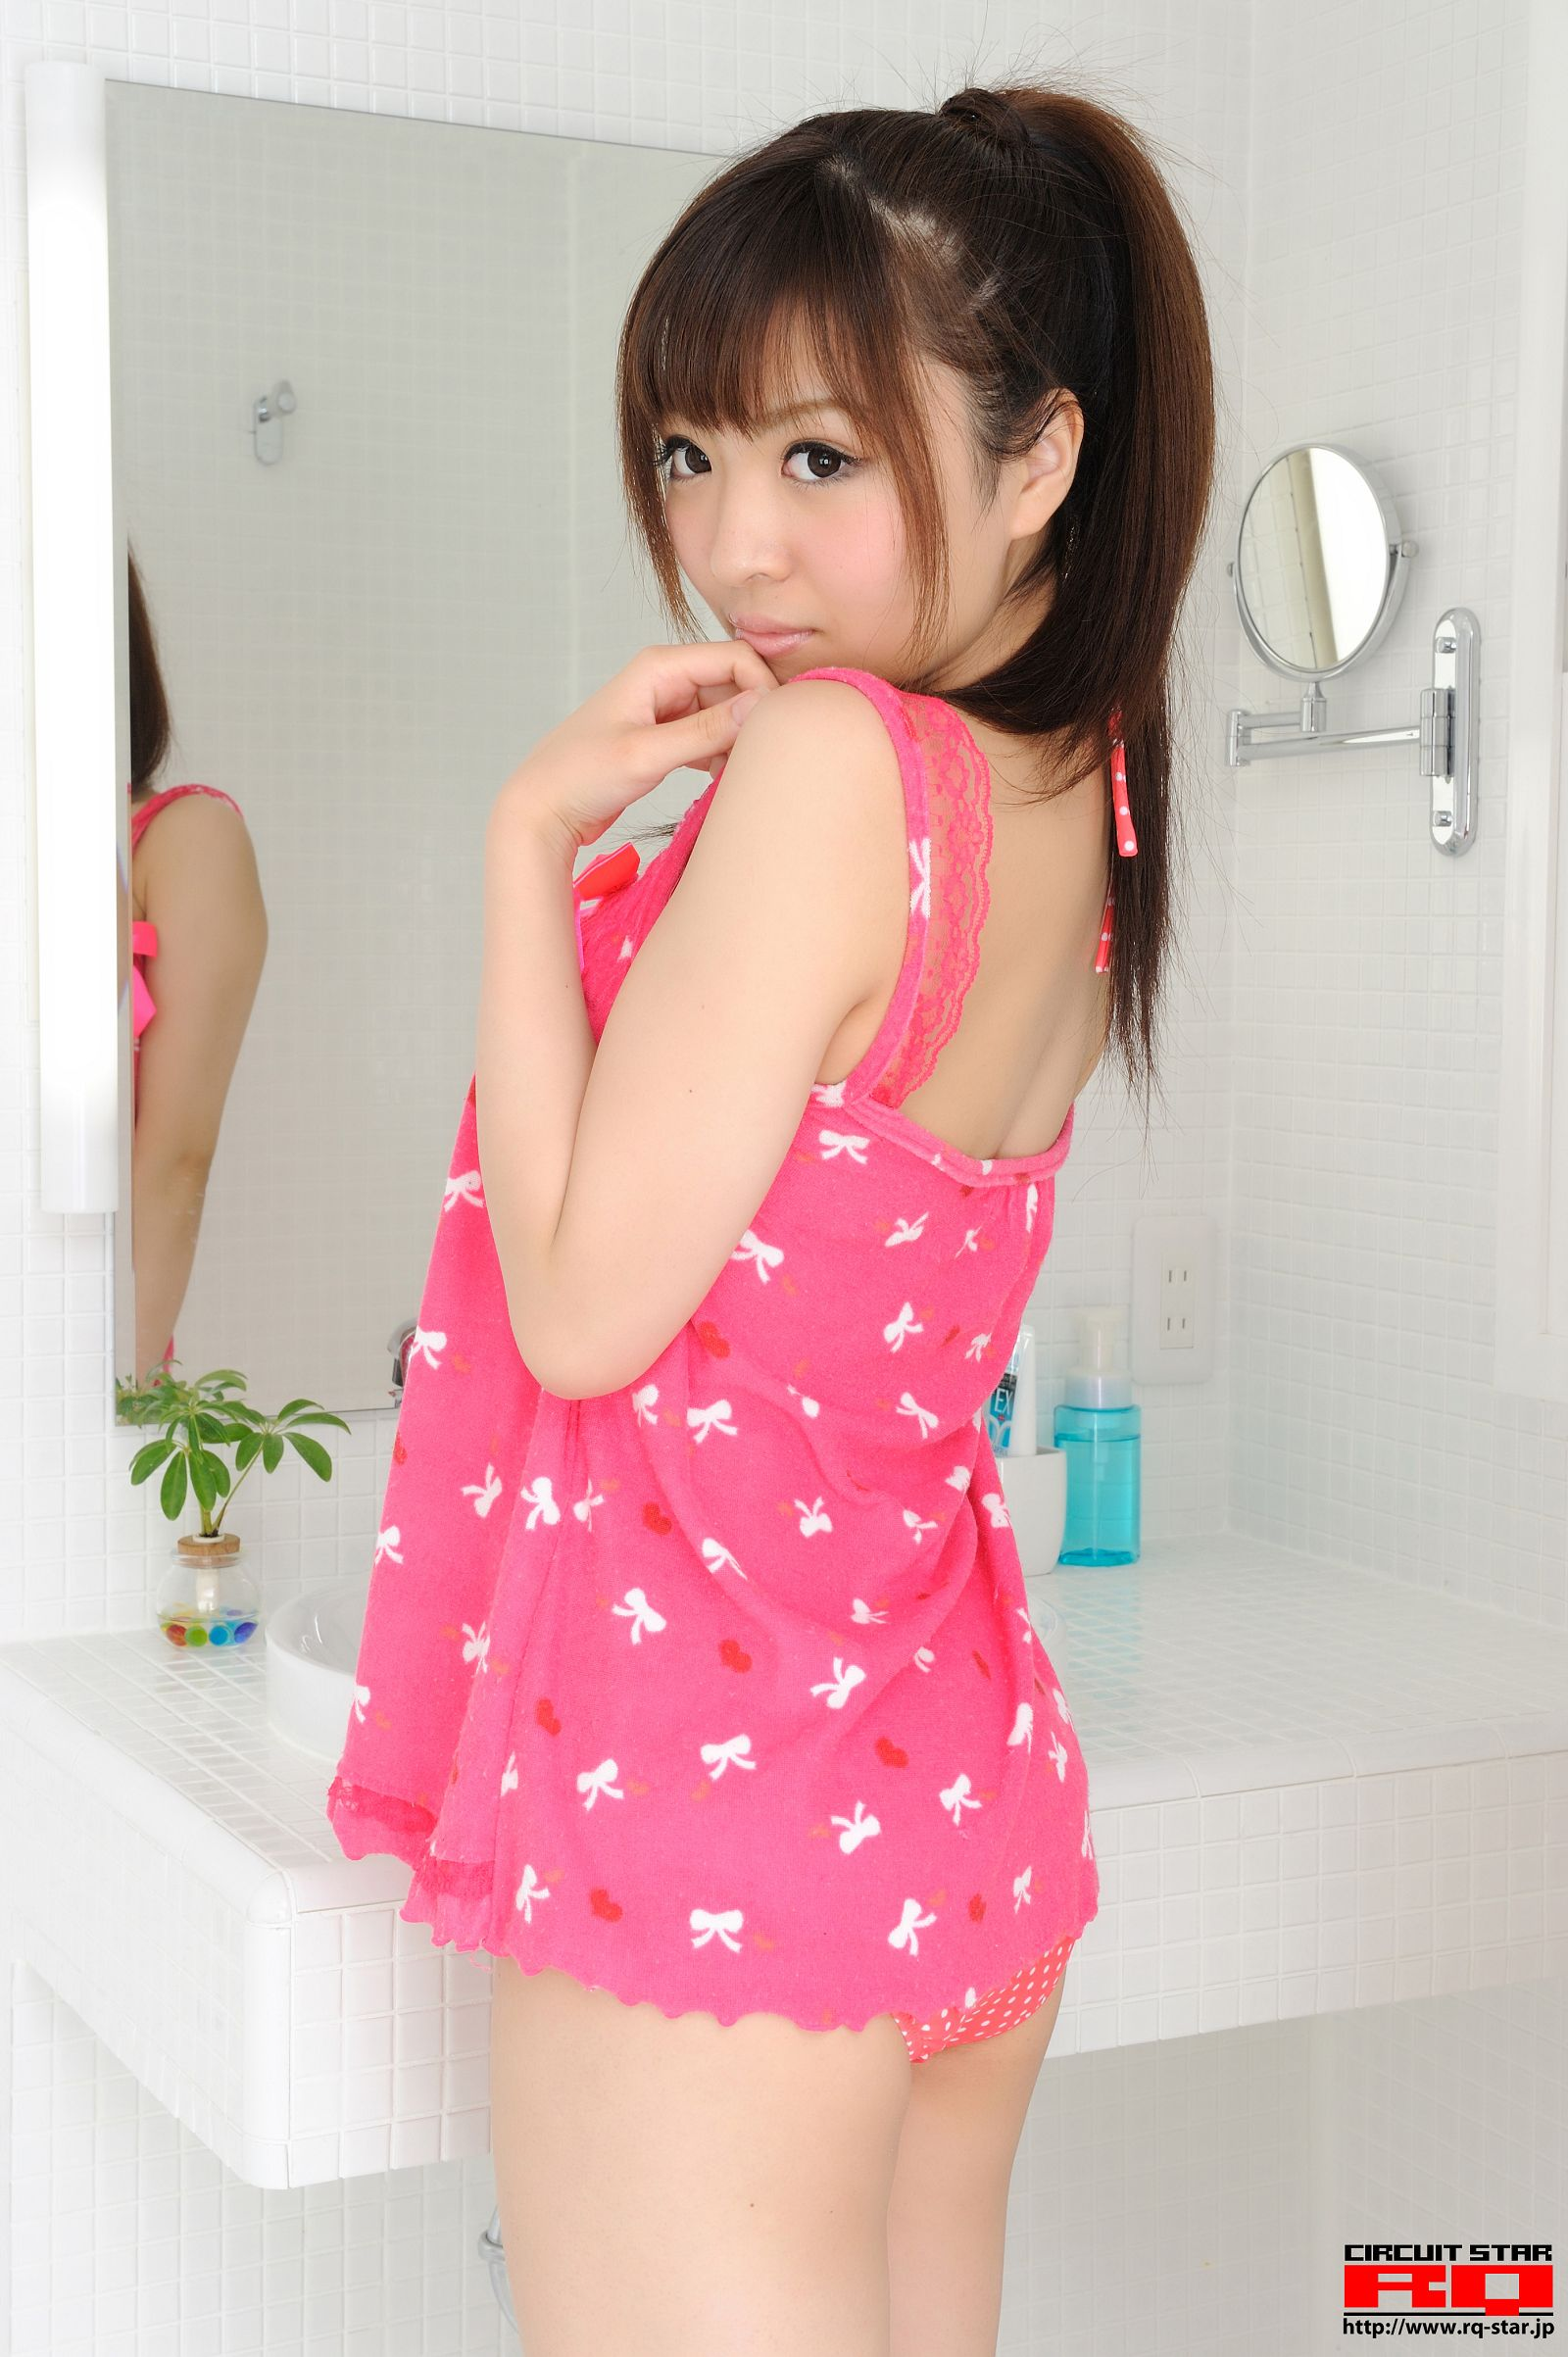 [RQ STAR美女] NO.00517 Mayuka Kuroda 锿蚪Y花 Swim Suits[119P] RQ STAR 第1张